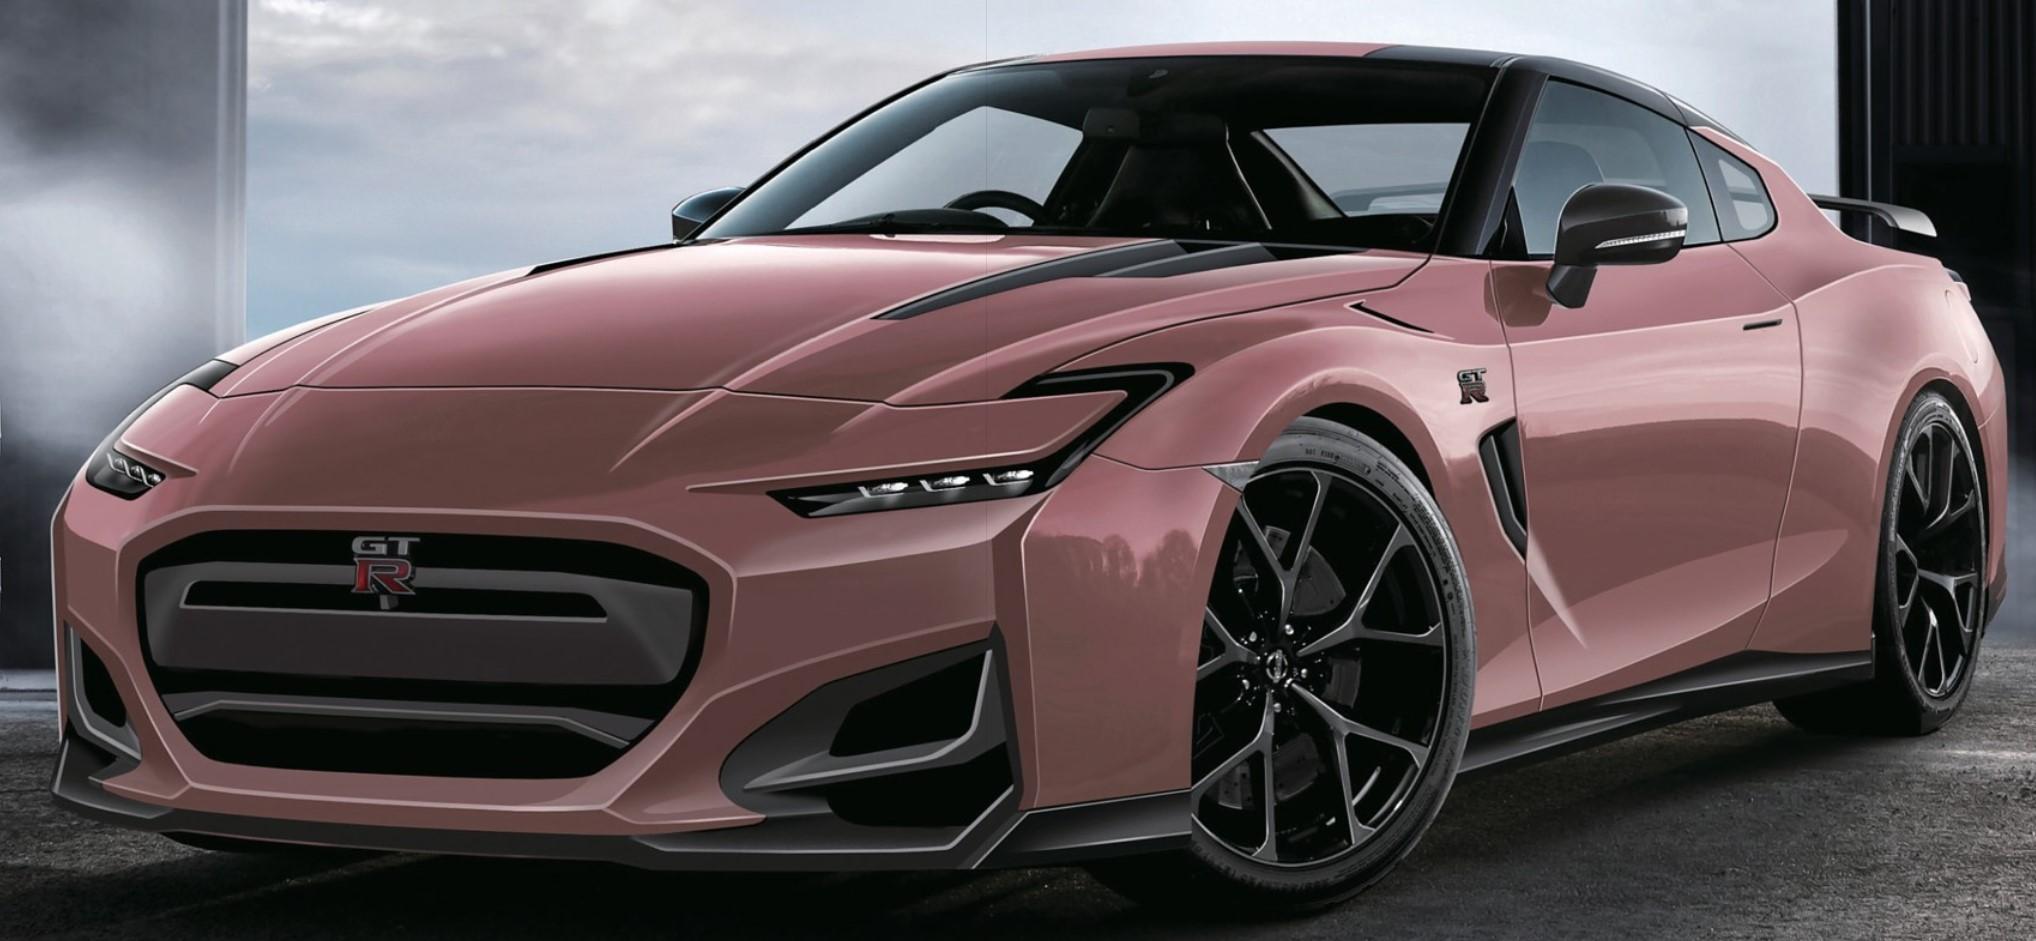 2023】日産新型GT-Rがマイナーチェンジでハイブリッドモデルに?外観 ...